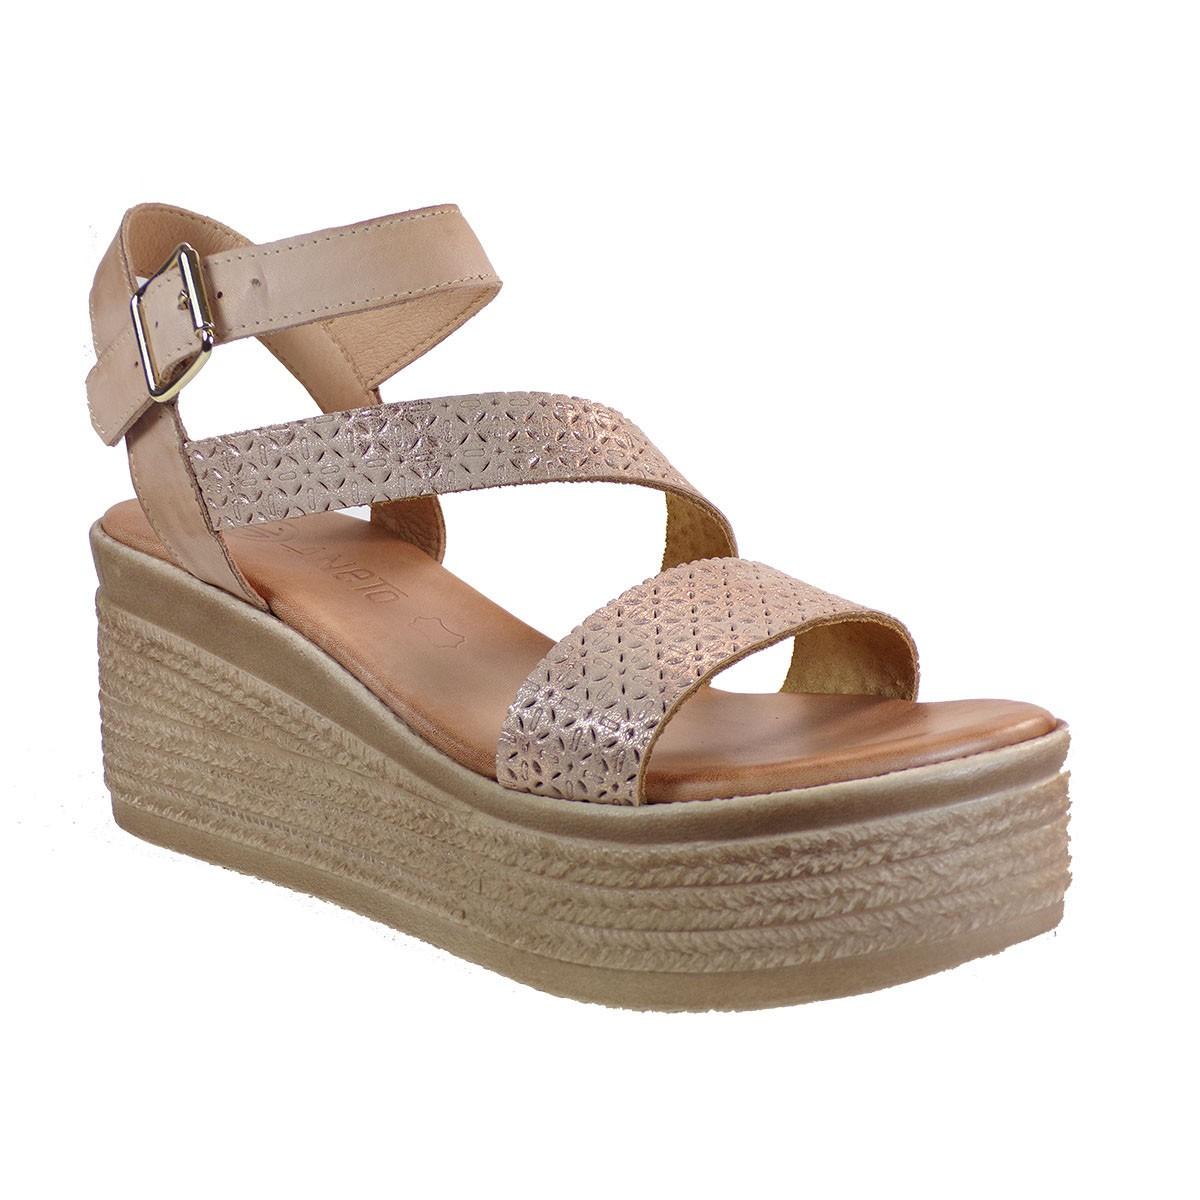 Katia Shoes Γυναικεία Πέδιλα Πλατφόρμες Κ139-1103 Χαλκός-Πούδρα Δέρμα